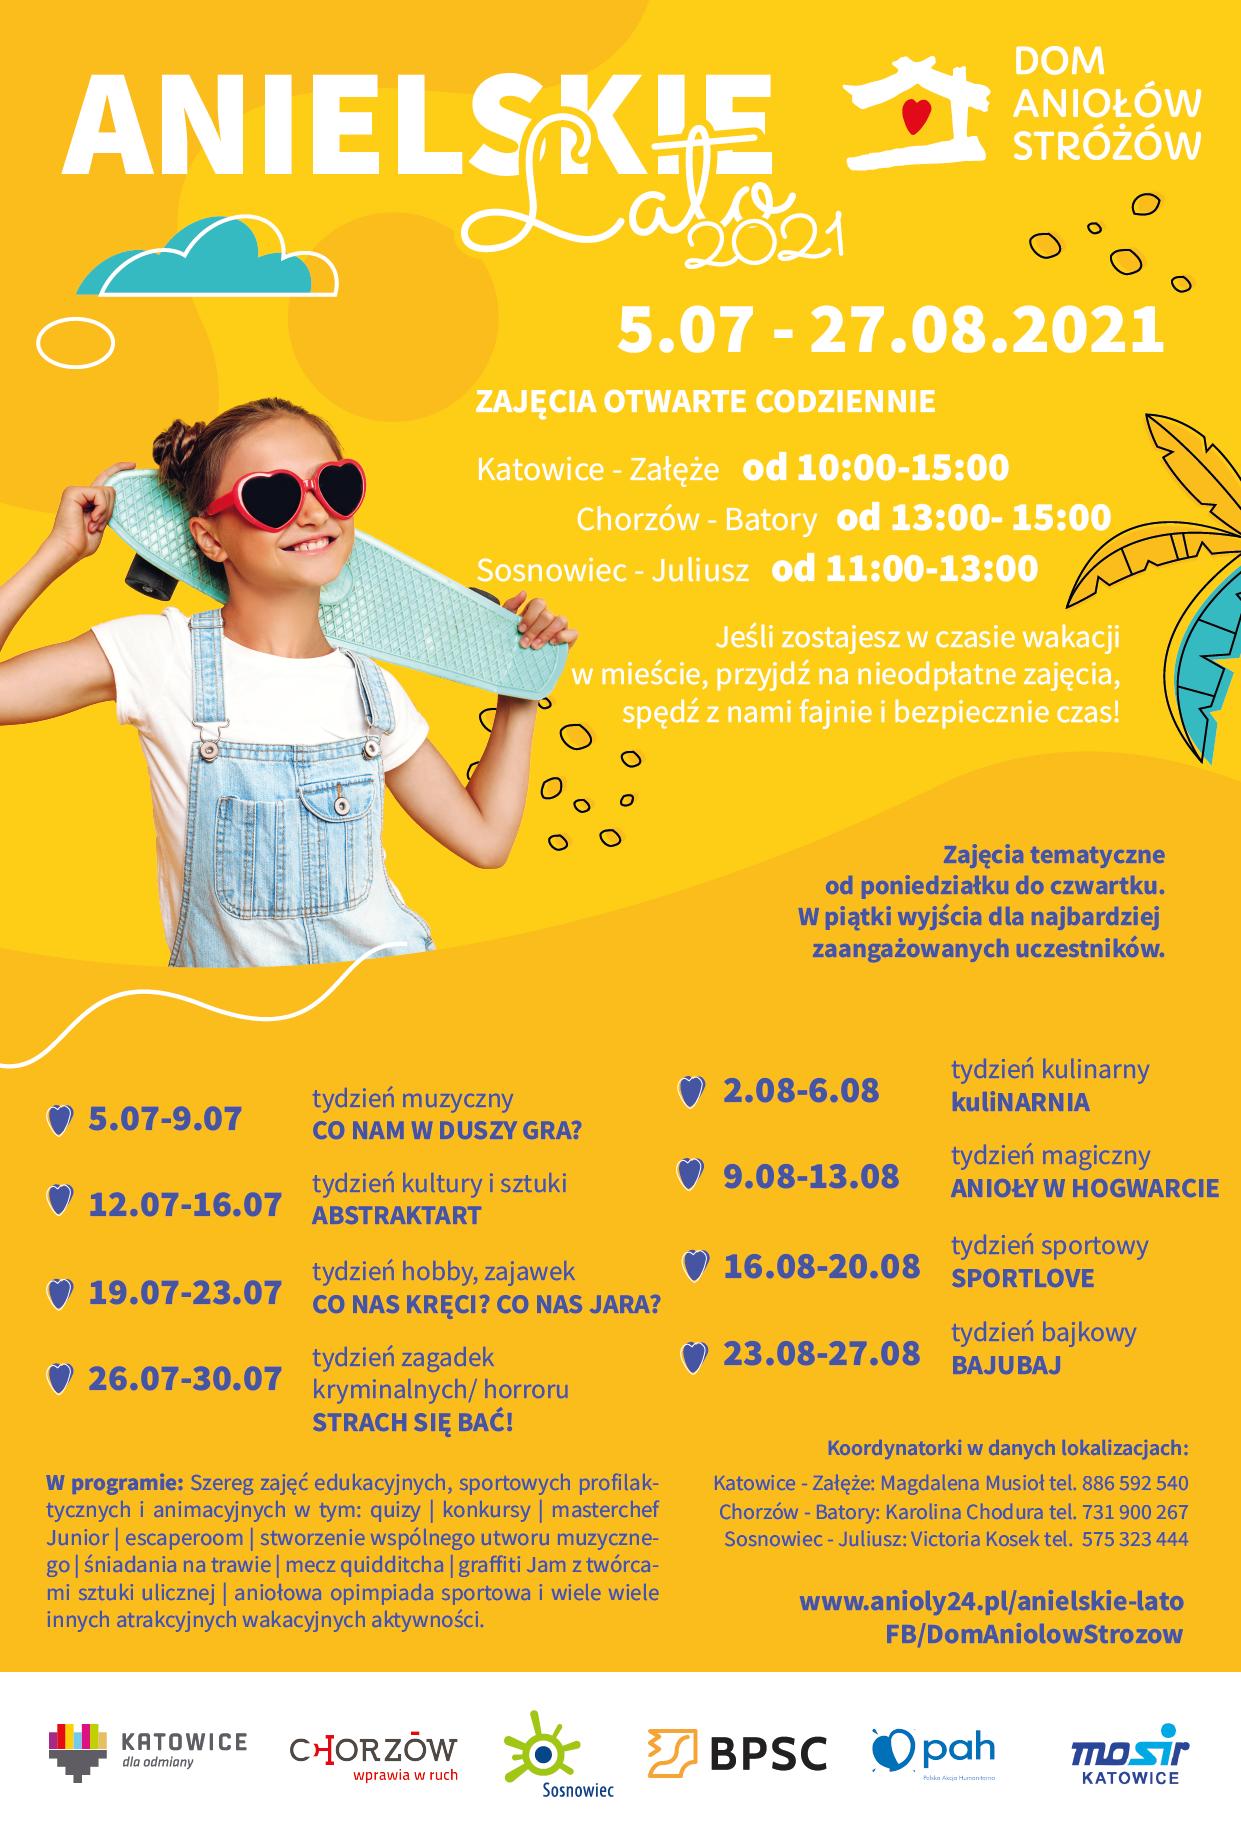 Anielskie Lato 2021_plakat główny